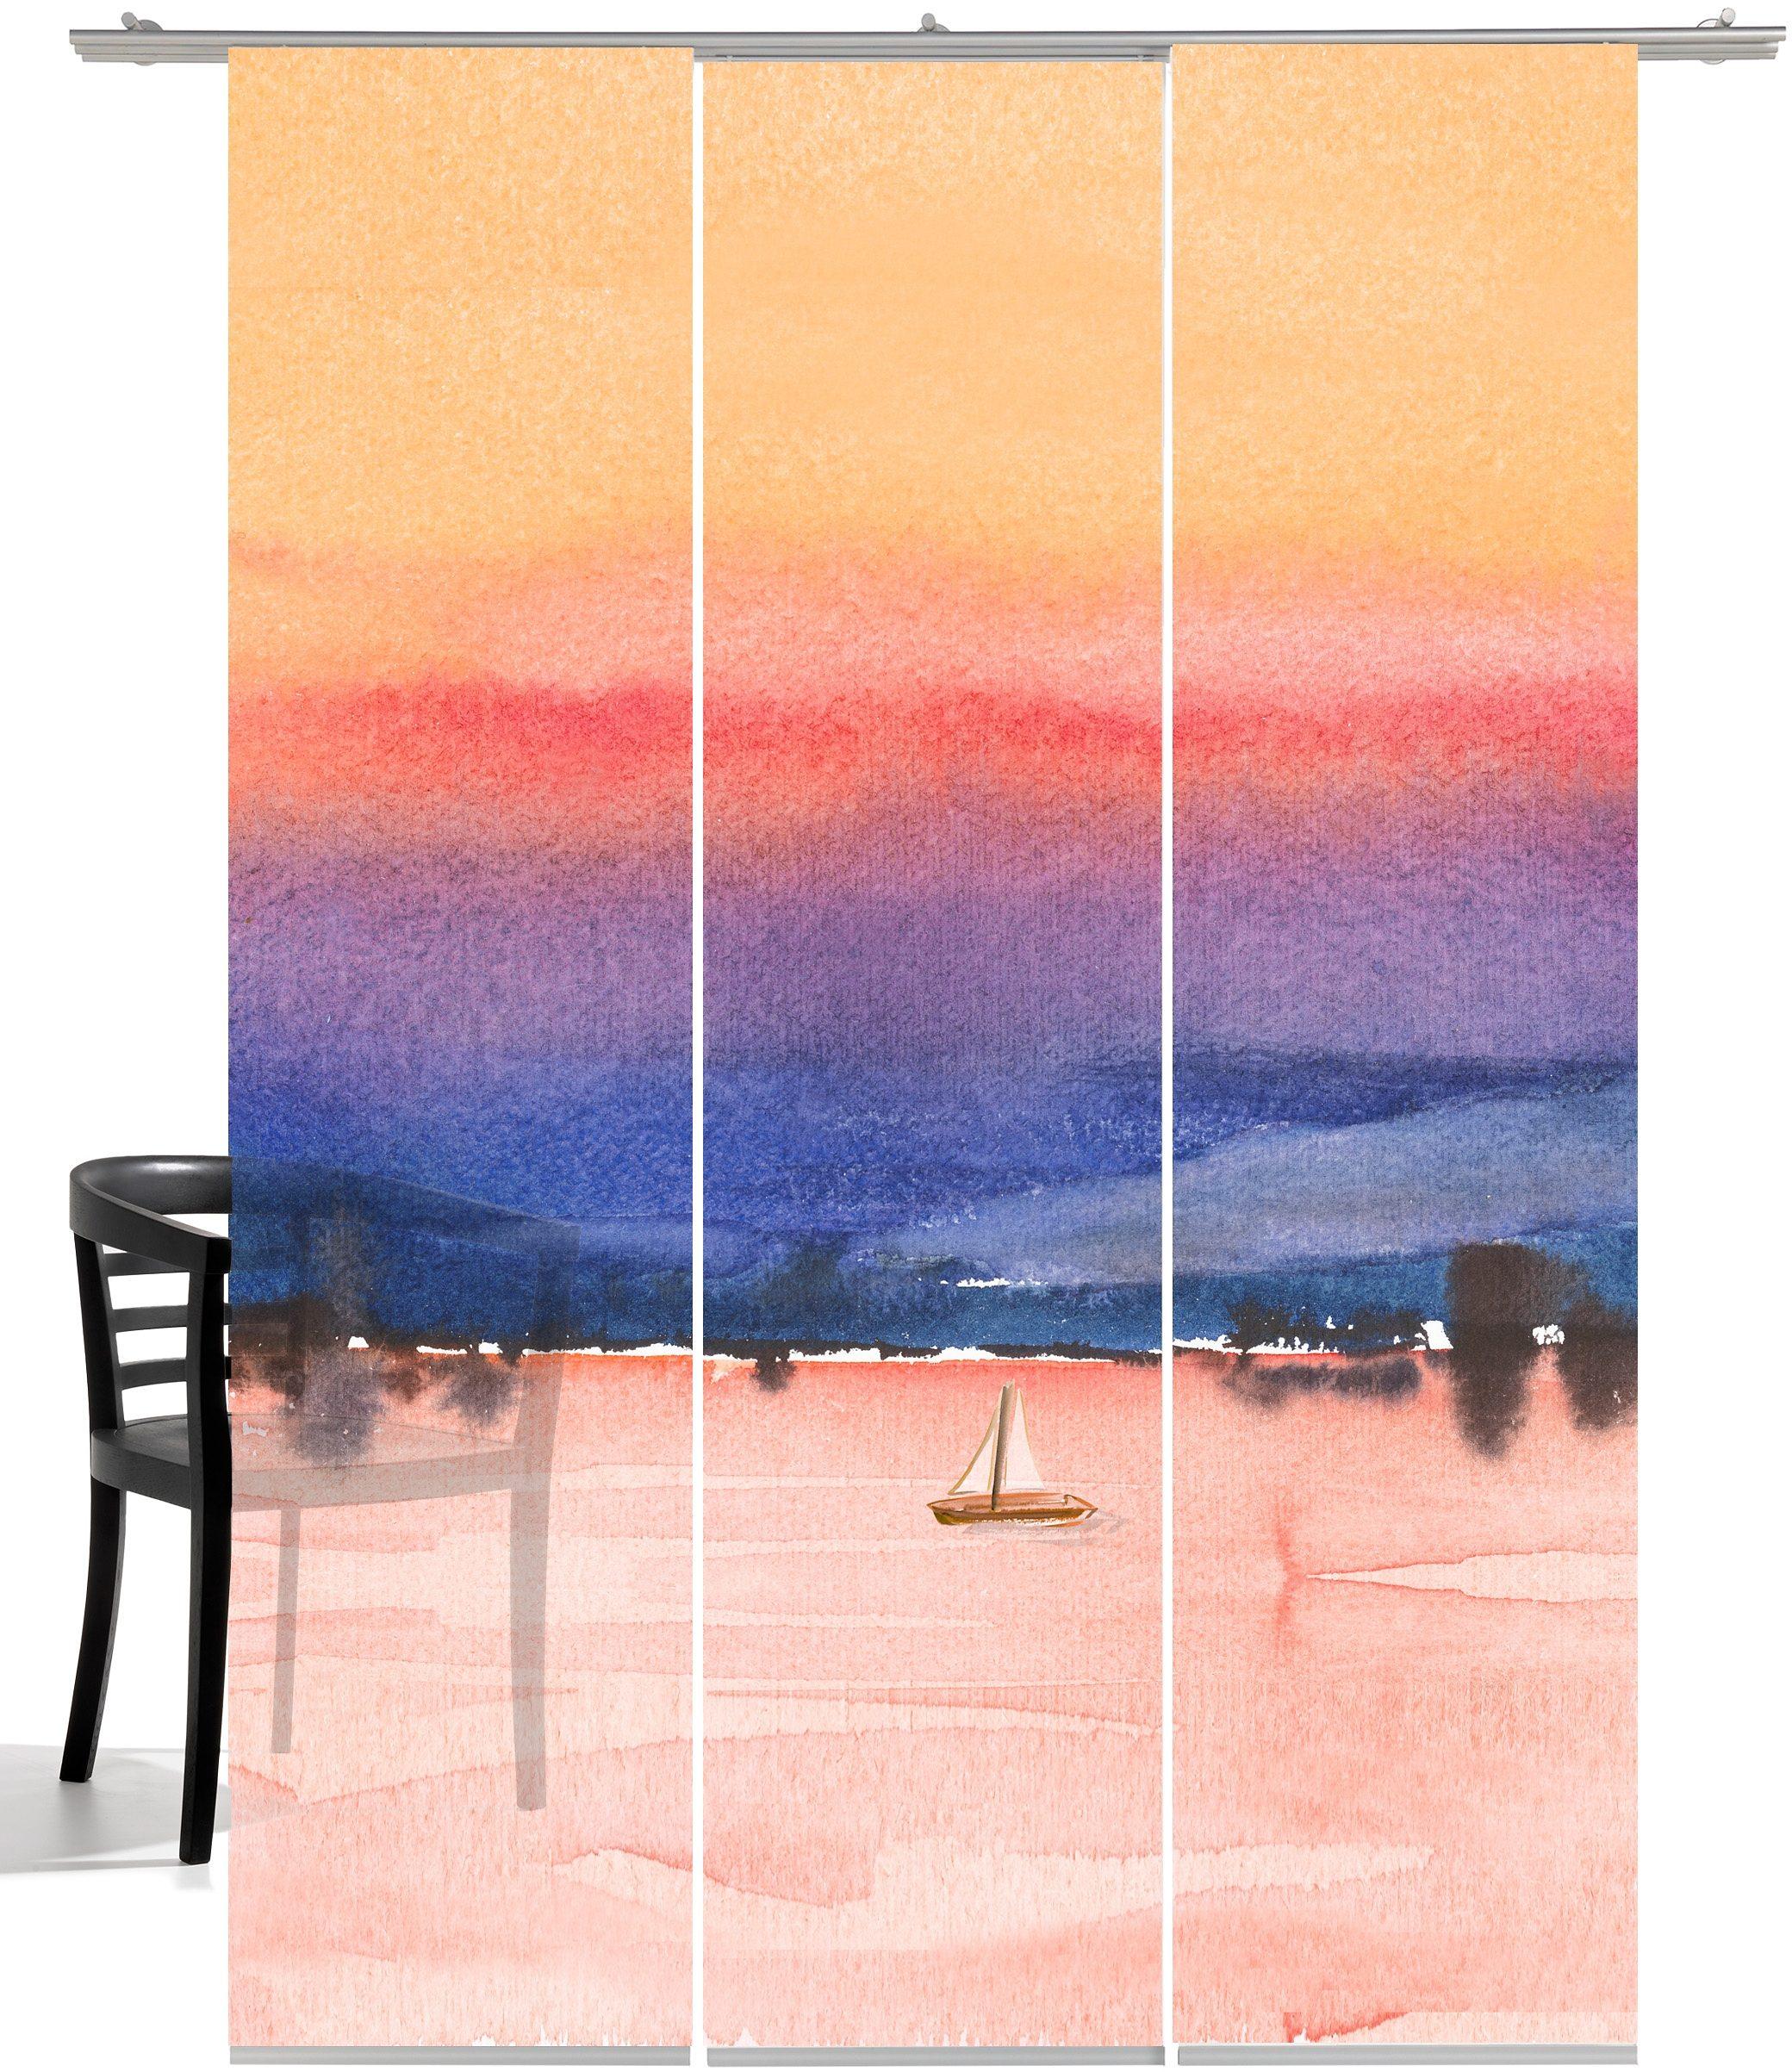 Schiebegardine »Sunrise«, emotion textiles, Klettband (3 Stück), inkl. Beschwerungsstange